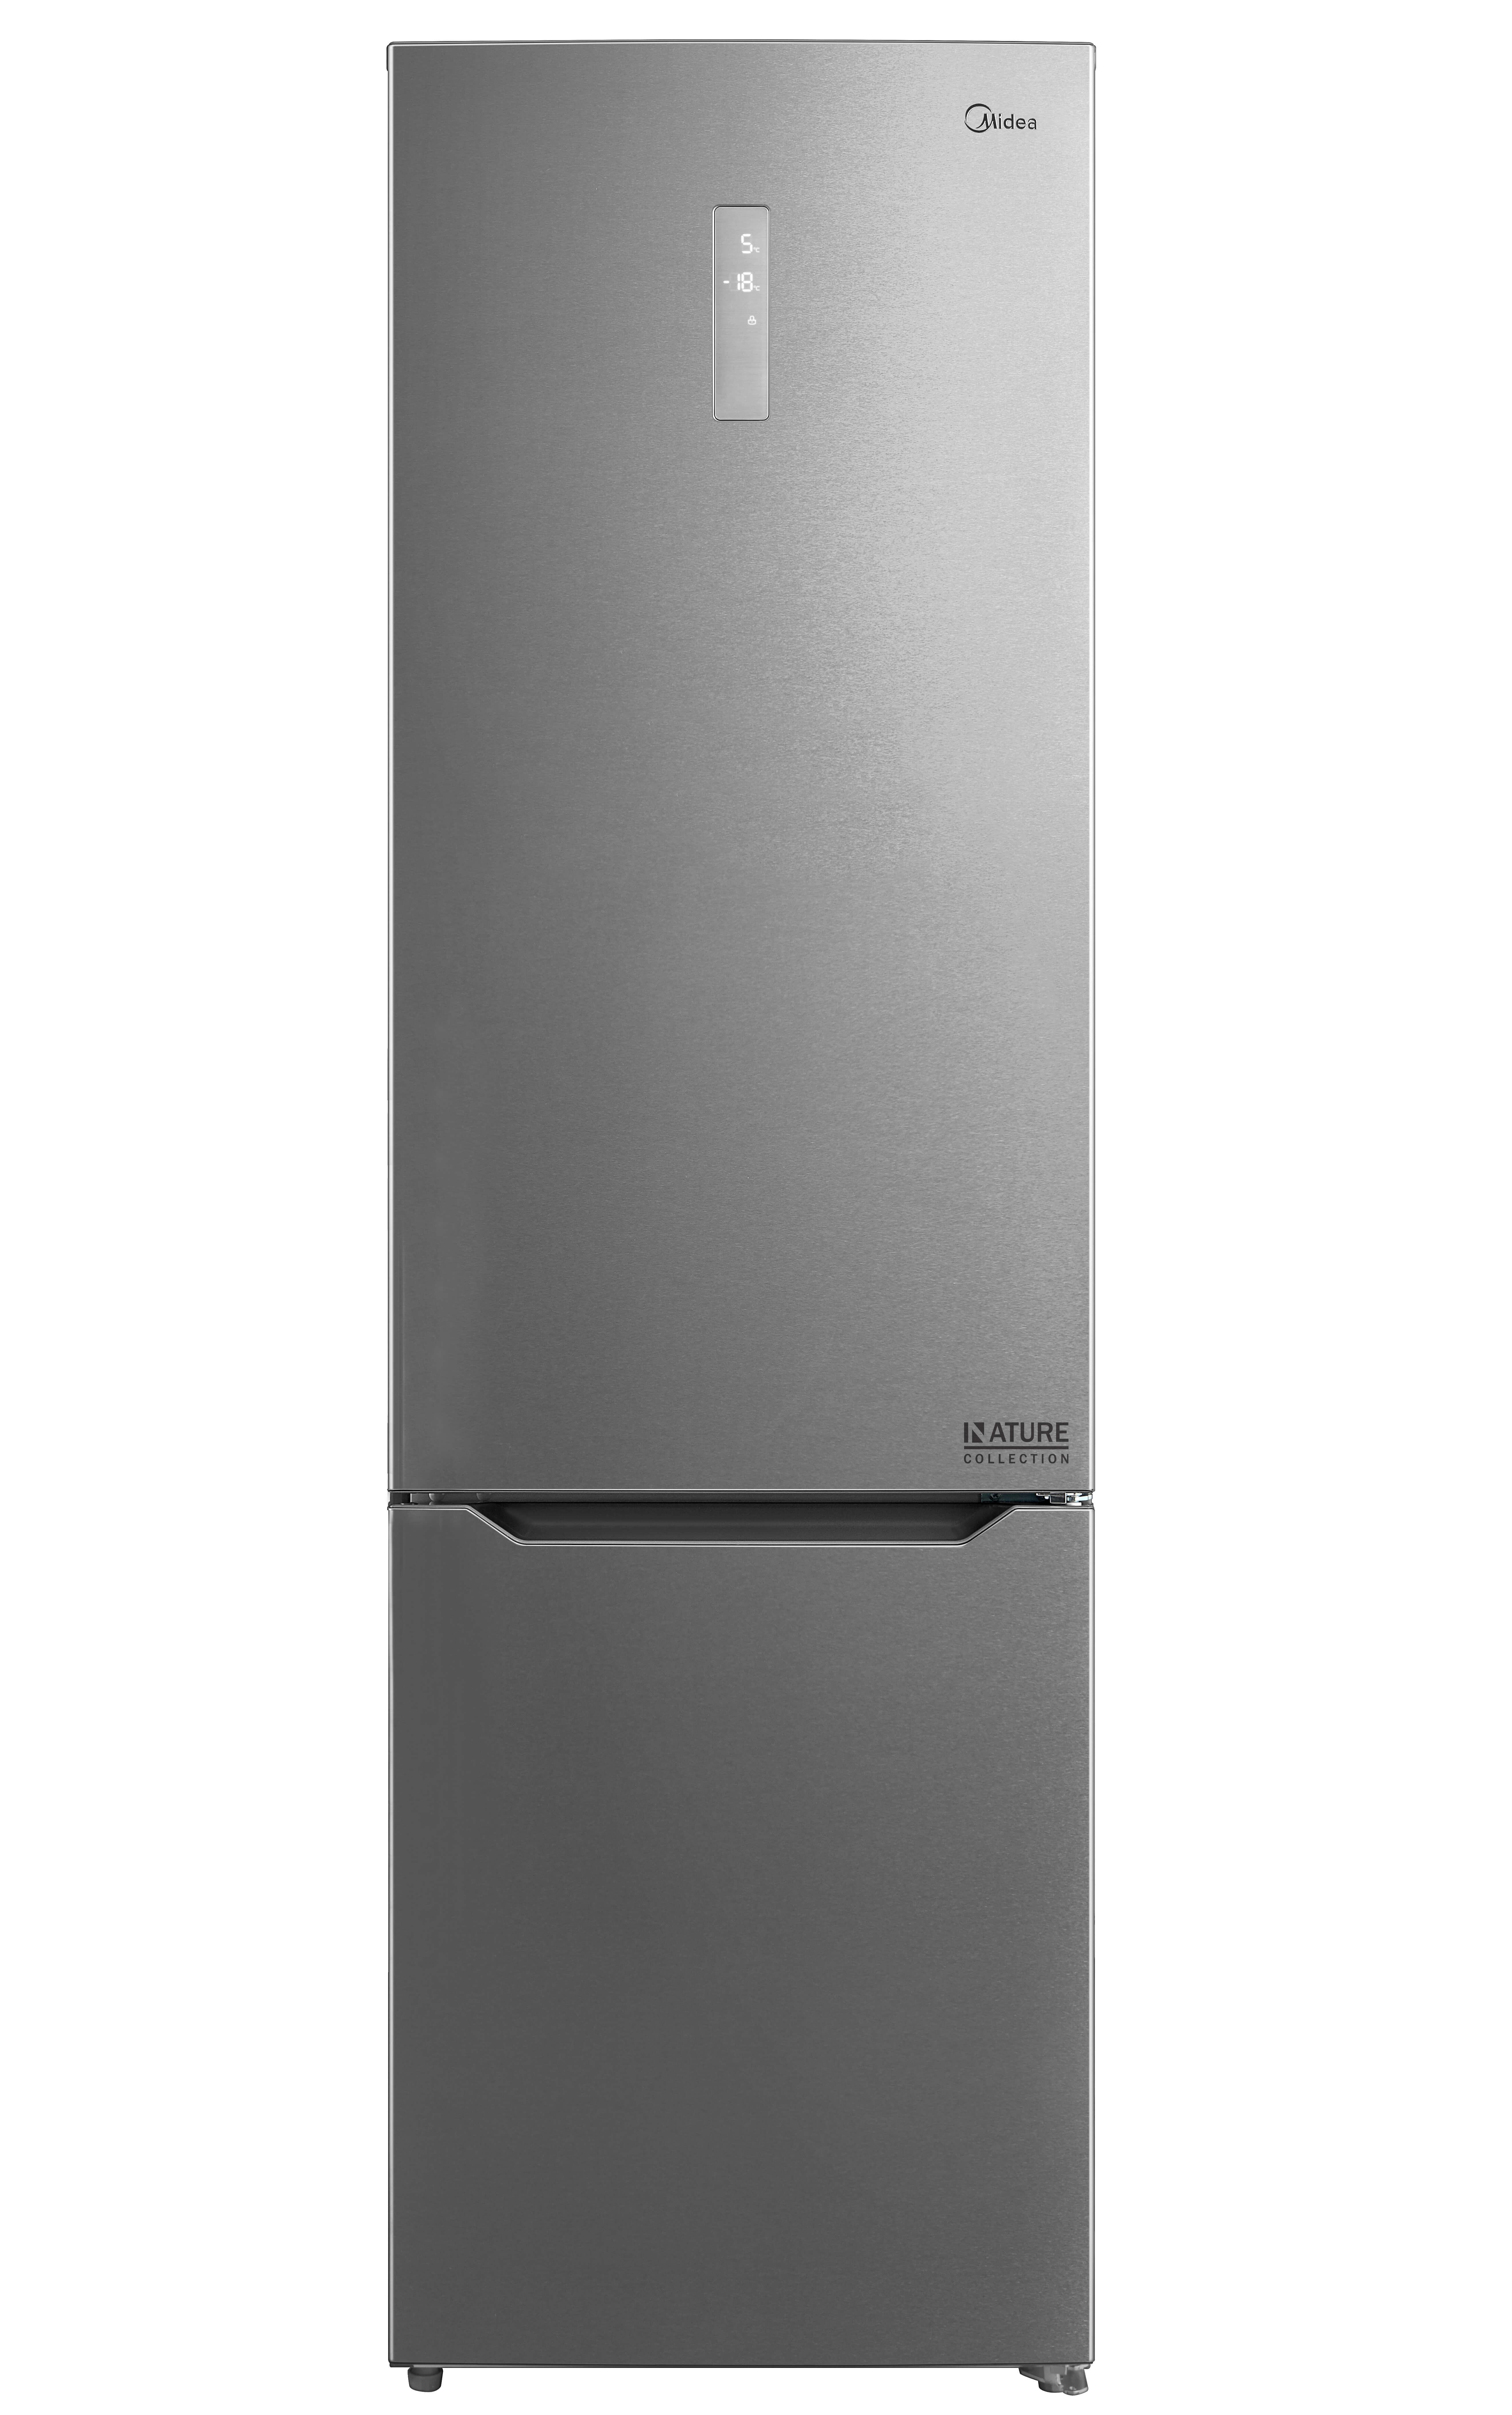 Холодильник Midea MRB520SFNX1 фото